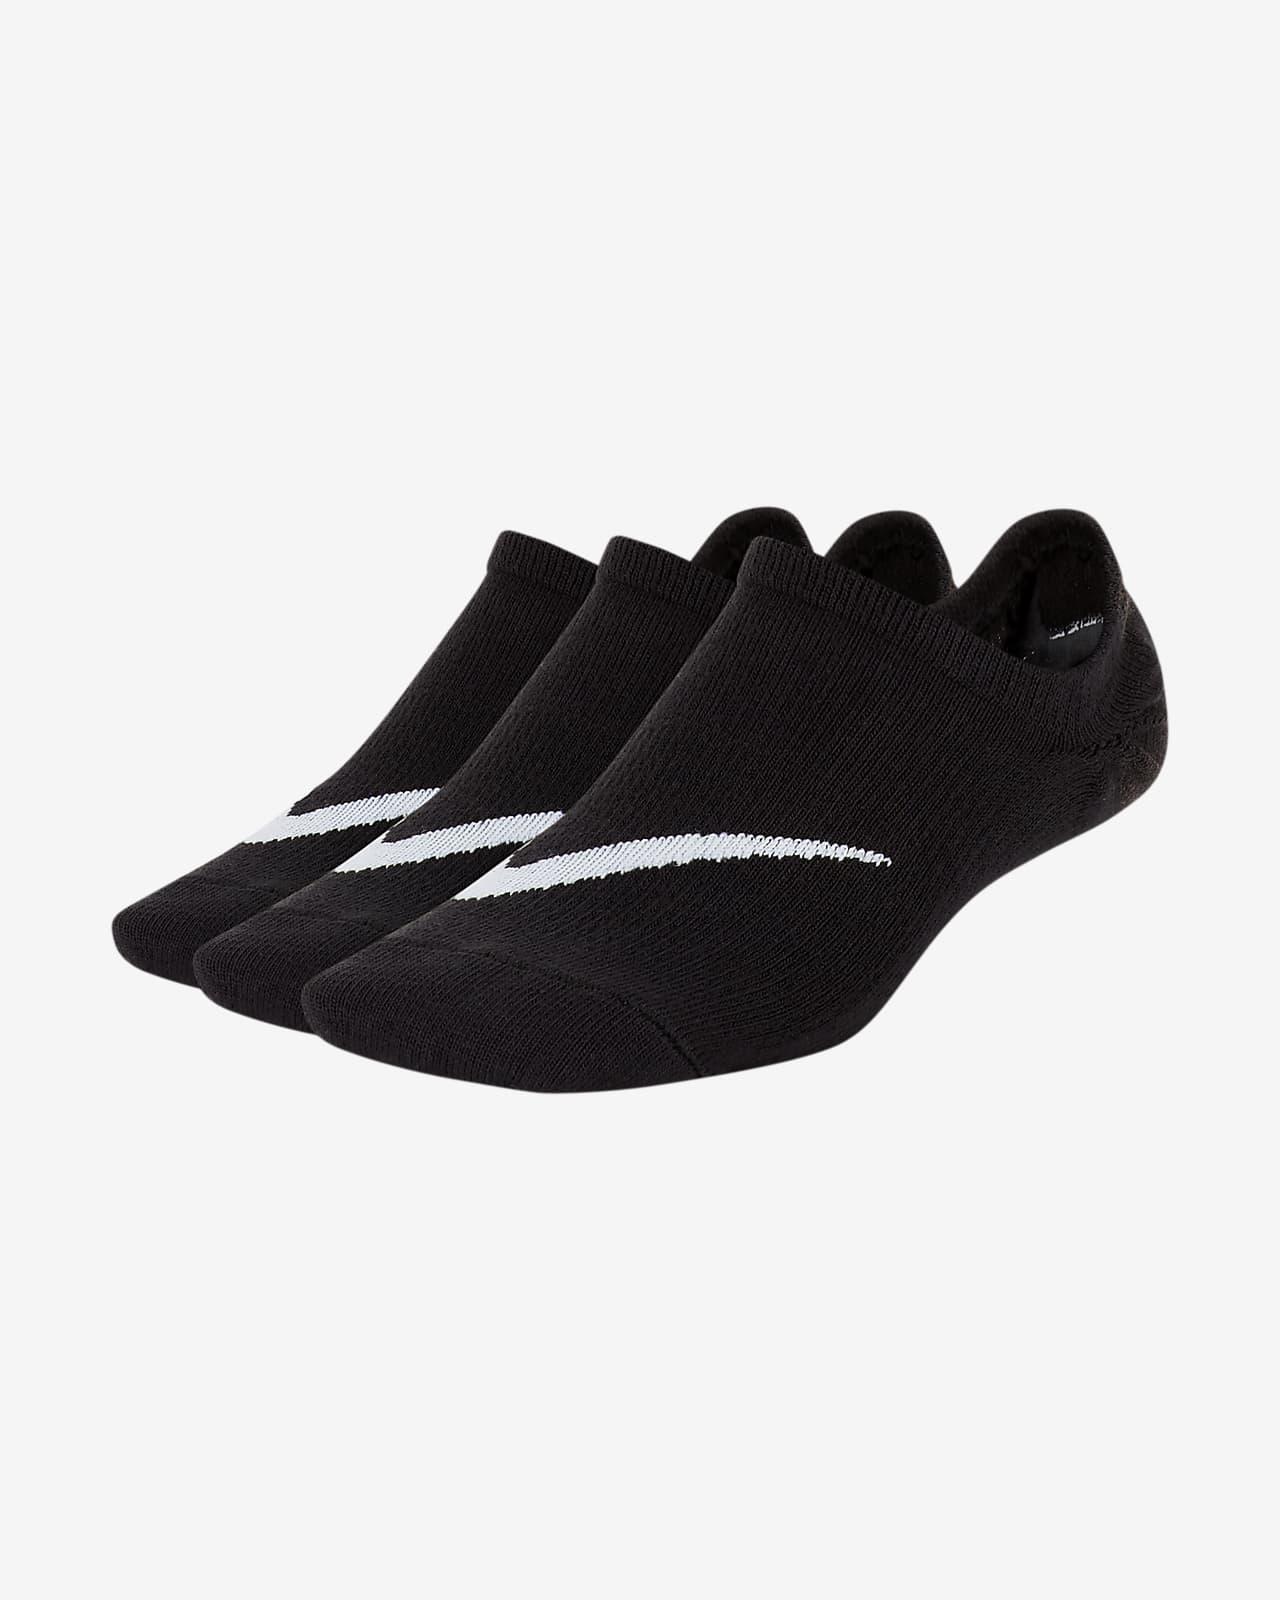 Nike Everyday Hafif Çocuk Babet Çorapları (3 Çift)